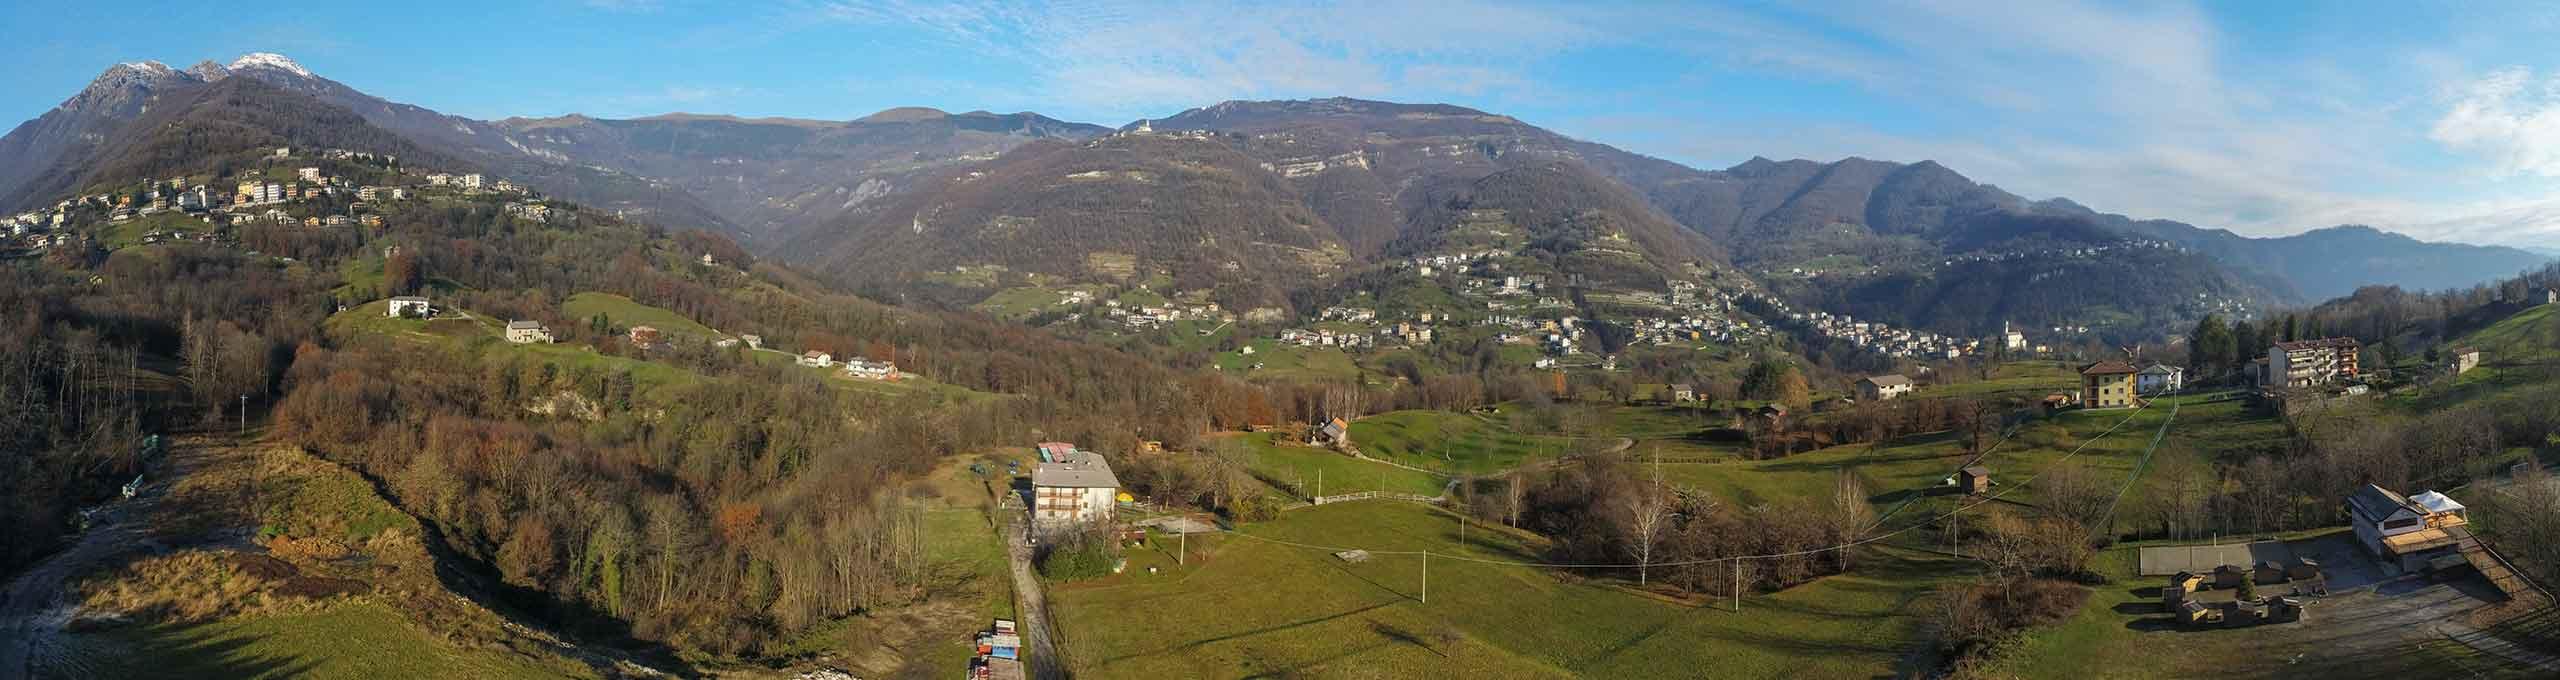 Fuipiano Imagna, Brescia